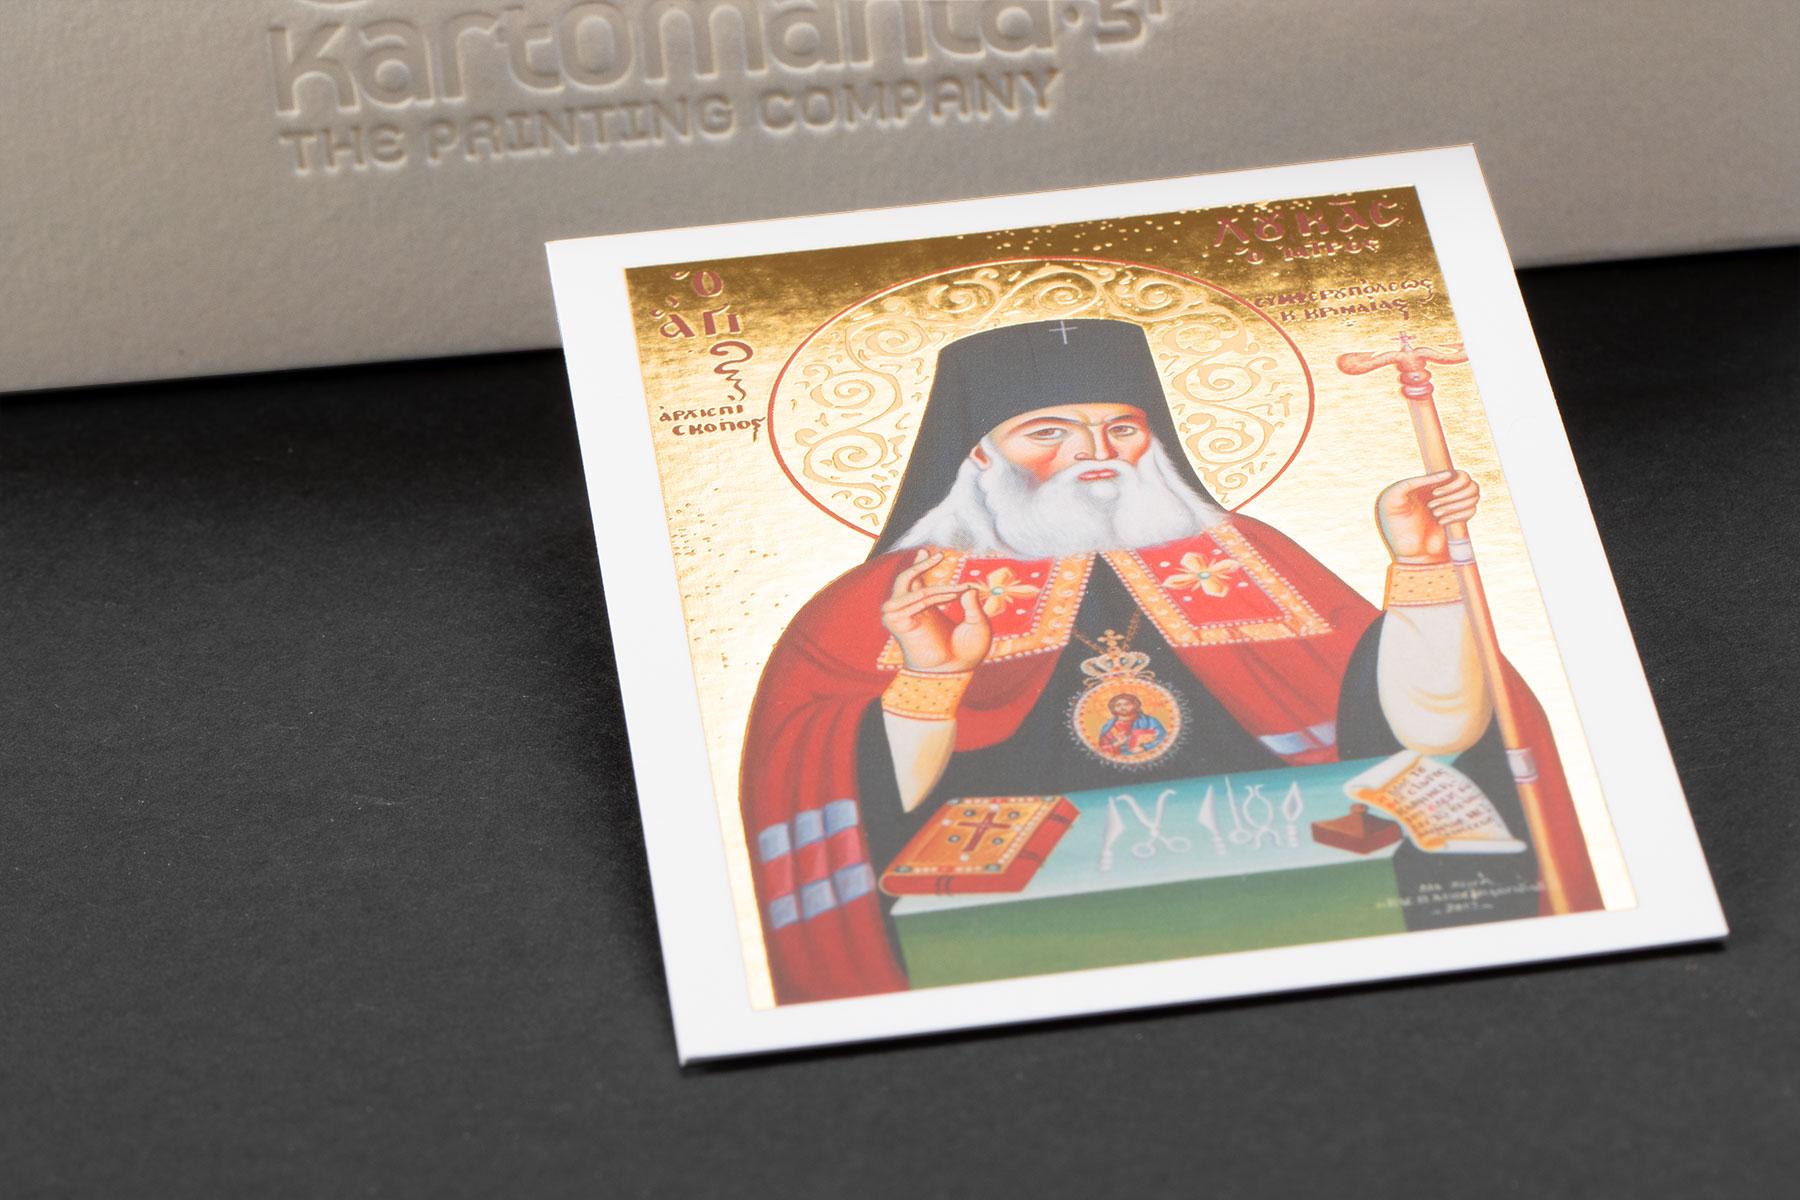 Κάρτα με χρυσοτυπία και εκτύπωση offset με εικόνα θρησκευτικού περιεχομένου.